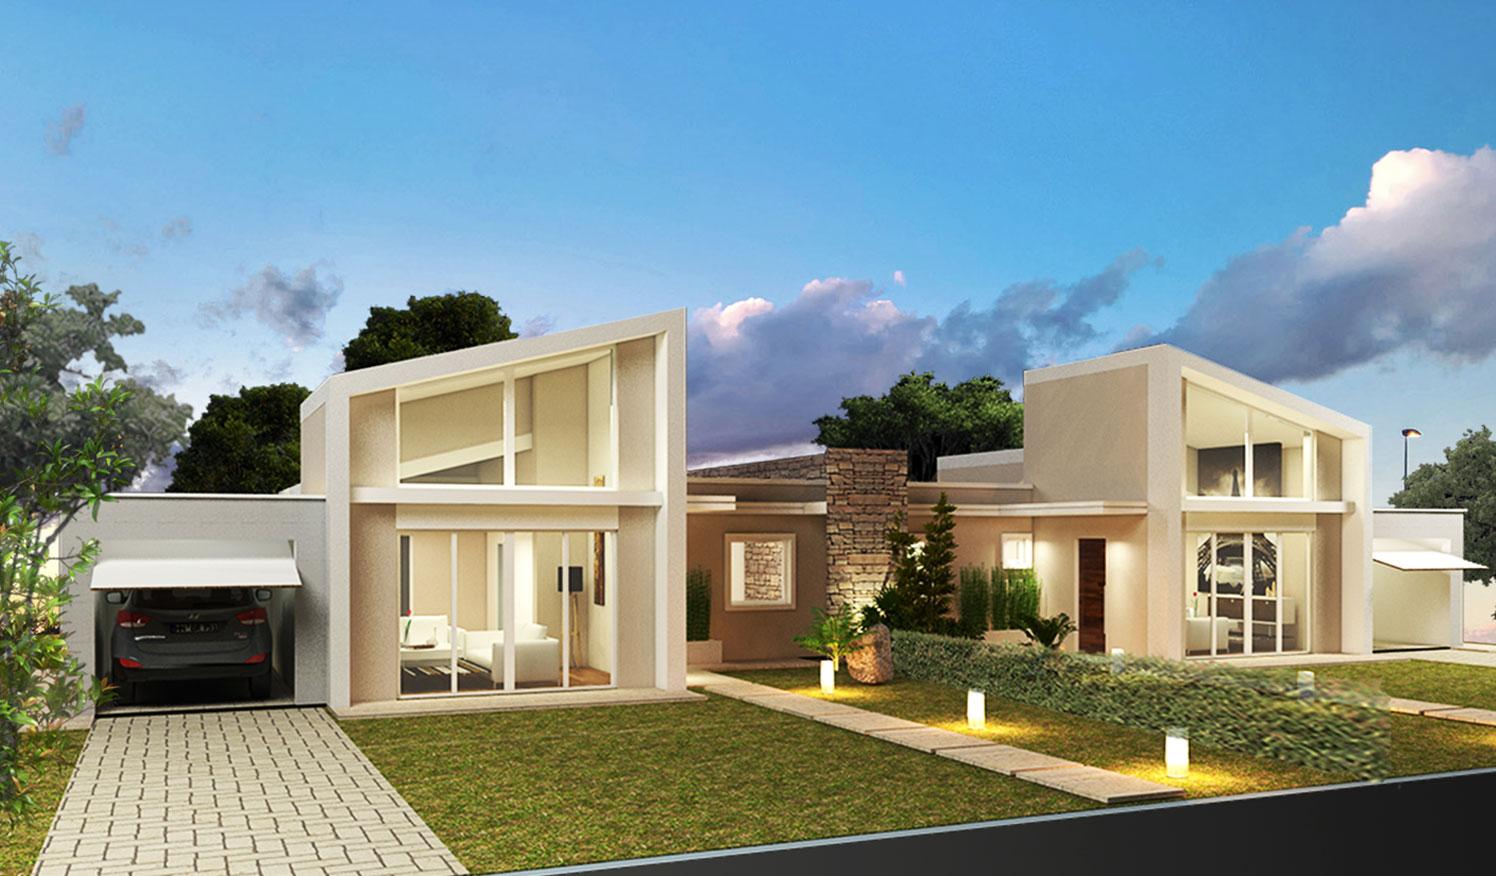 case in vendita a Grosseto bi familiari